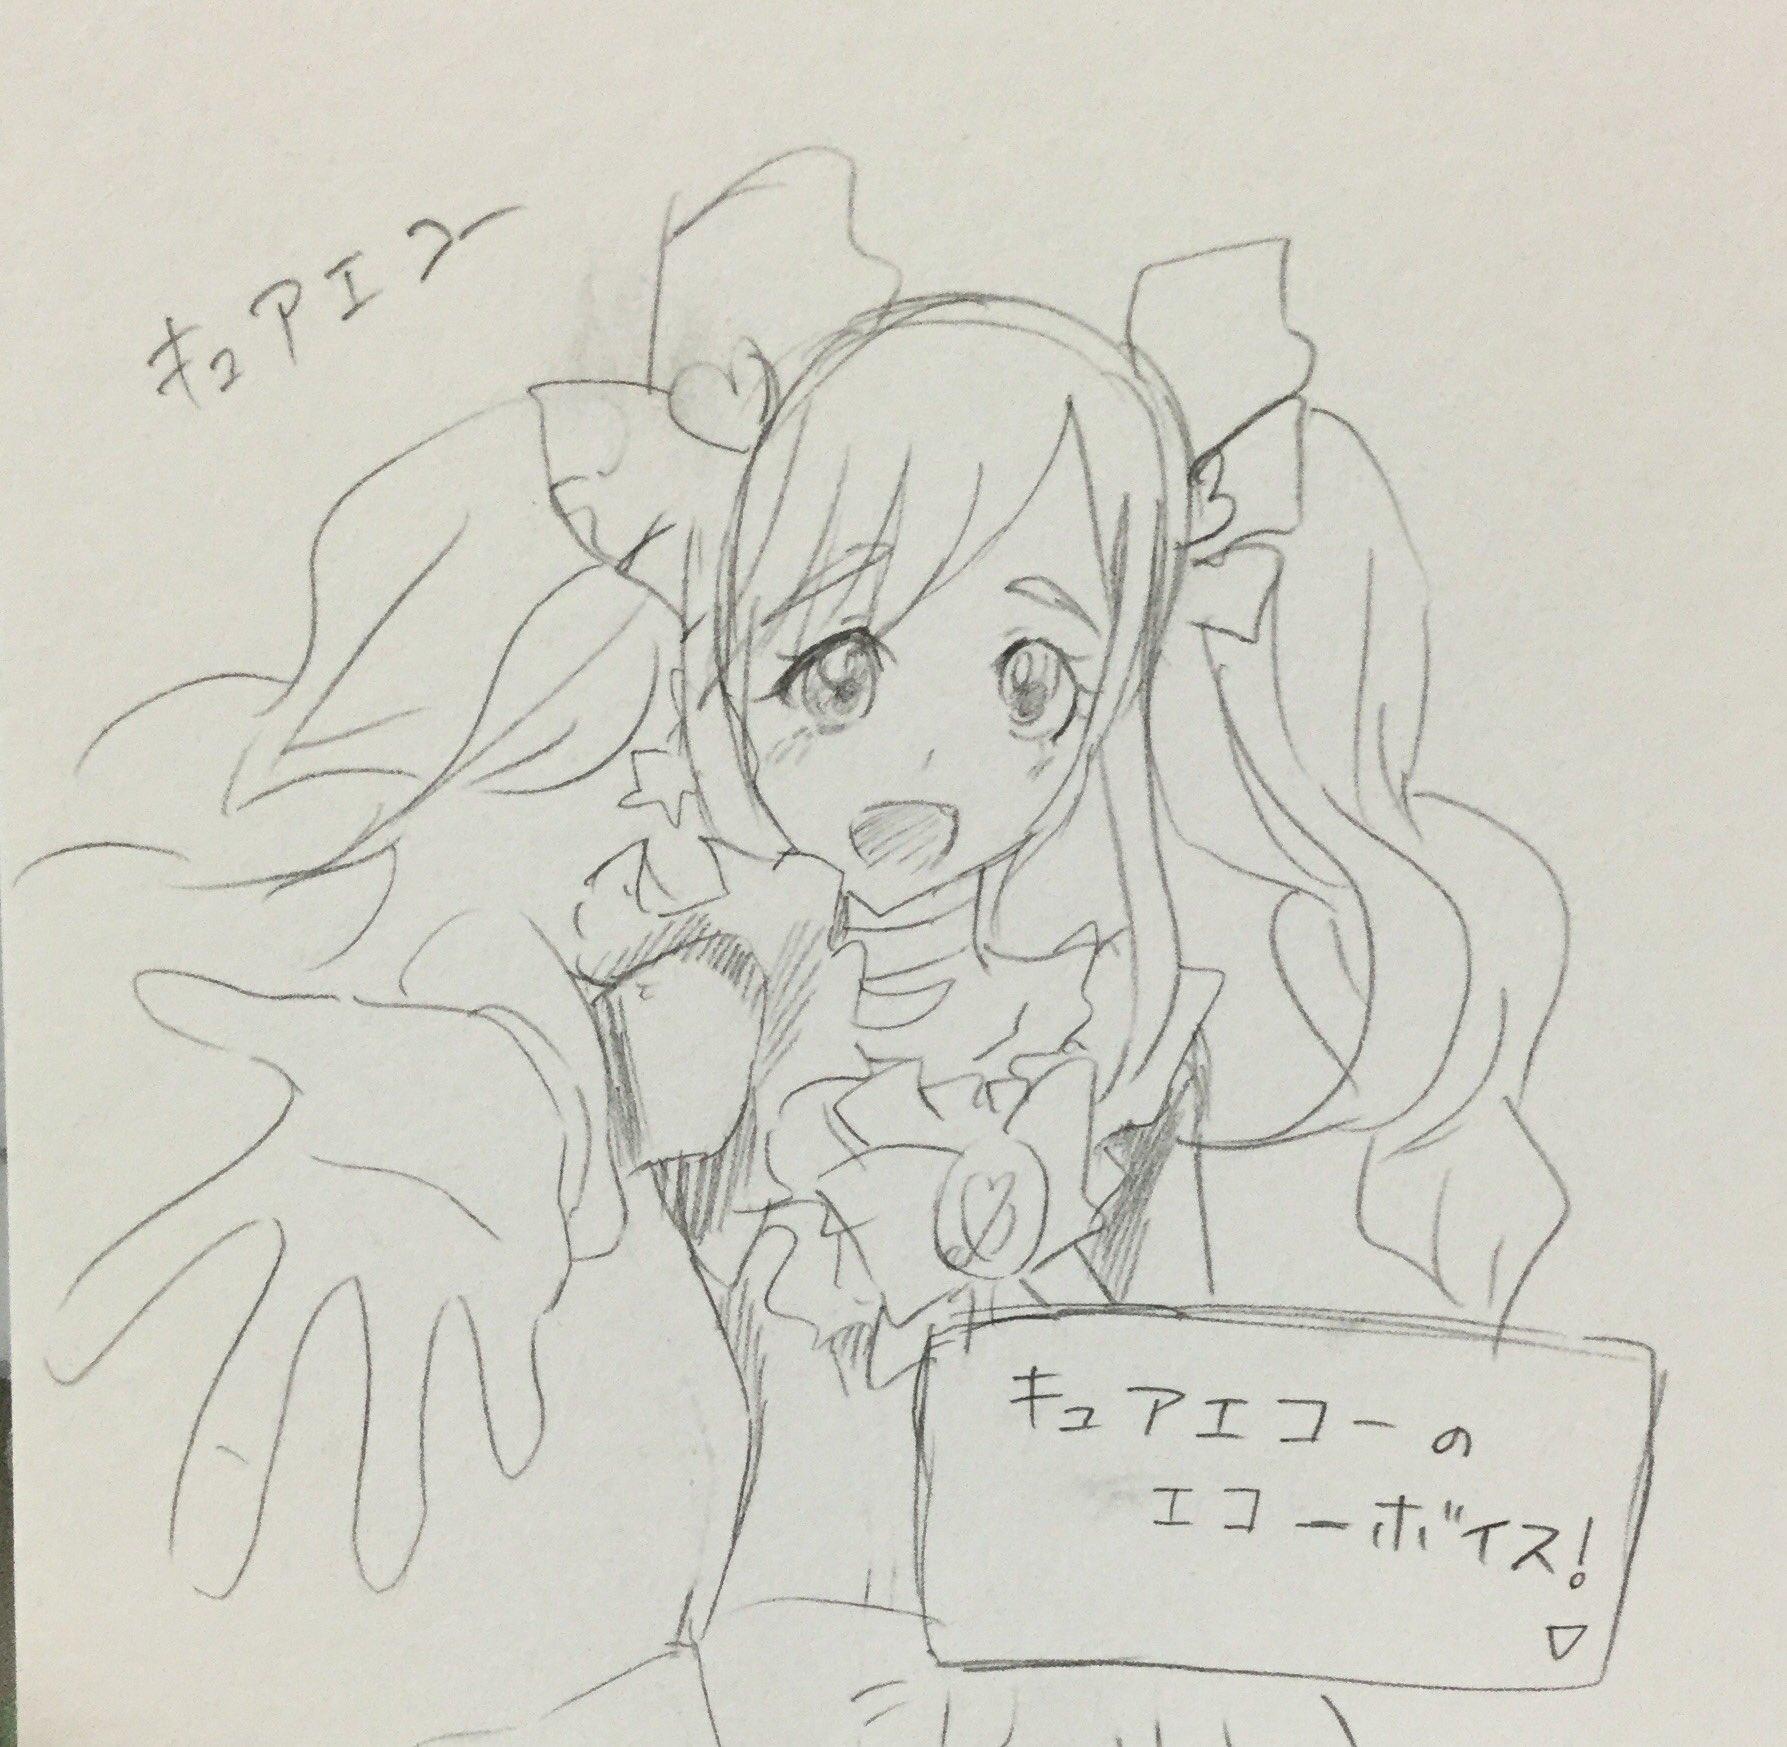 次回葉緑体死す (@youryokutaigirl)さんのイラスト